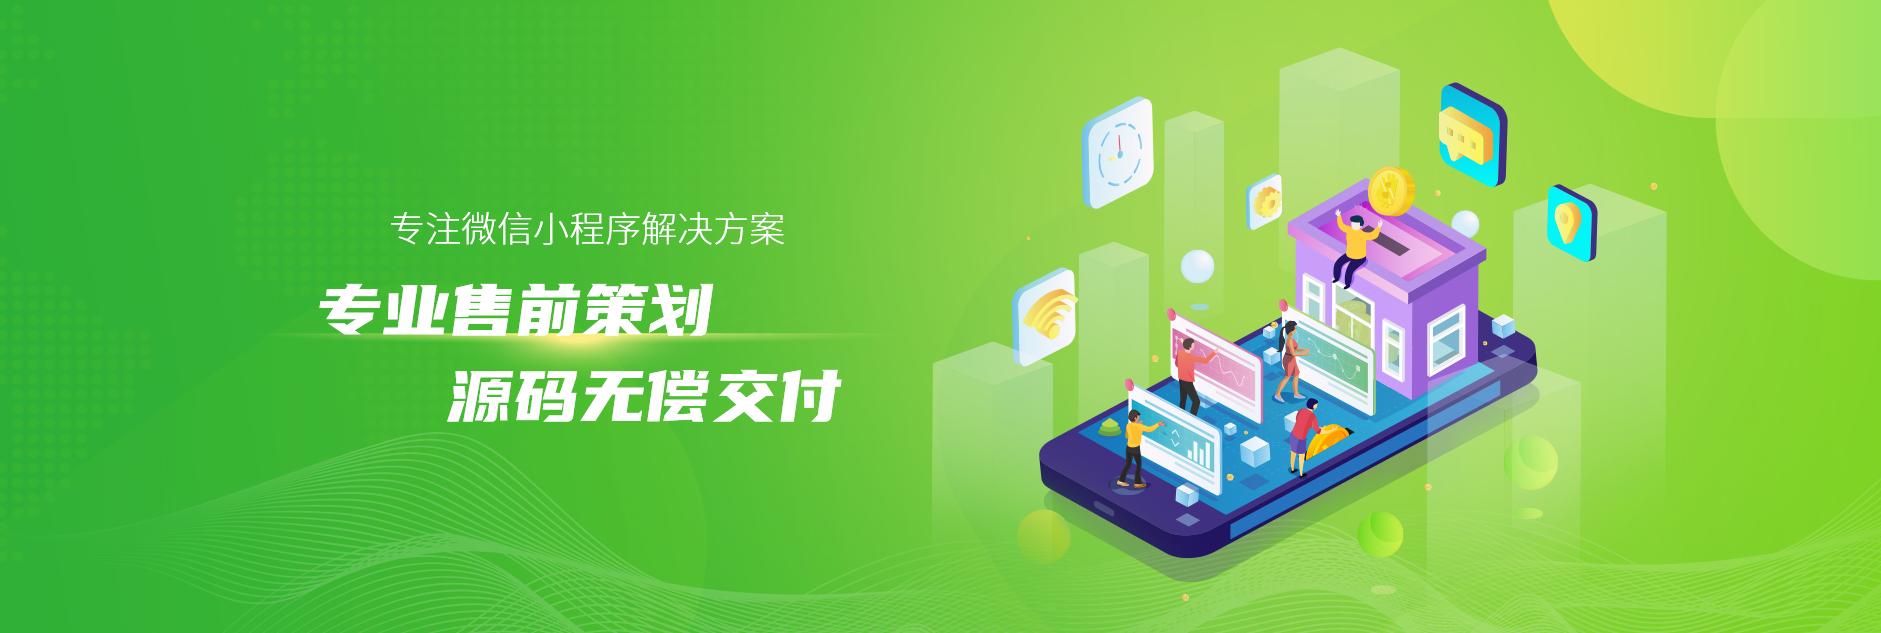 _小程序开发微信开发定制微官网公众平台制作设计商城社区公众号18